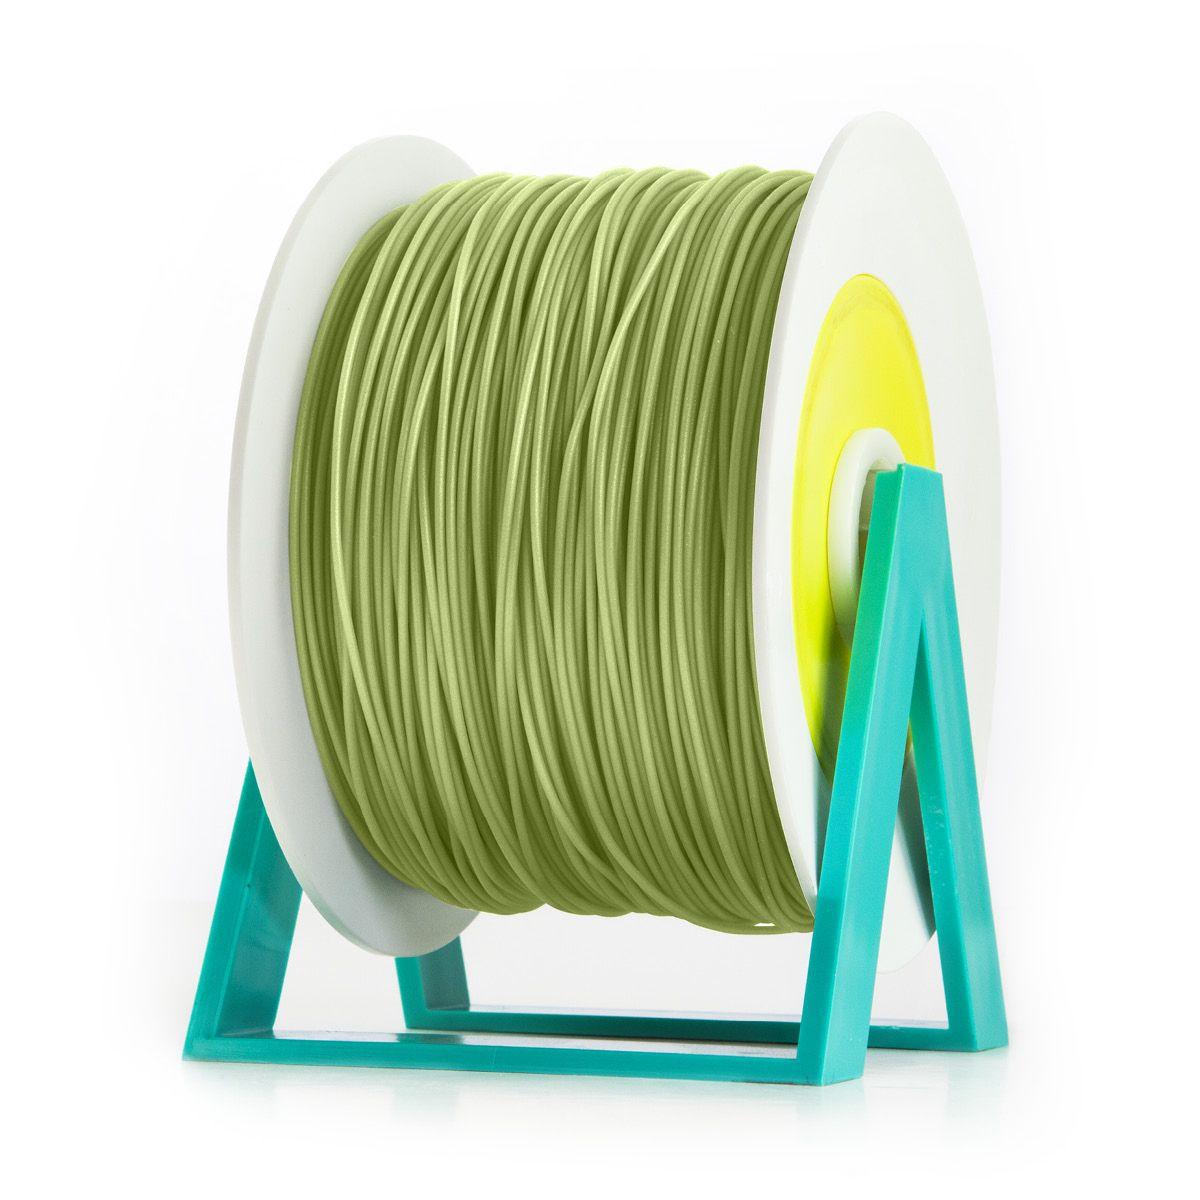 PLA Filament | Color: Petroleum Green